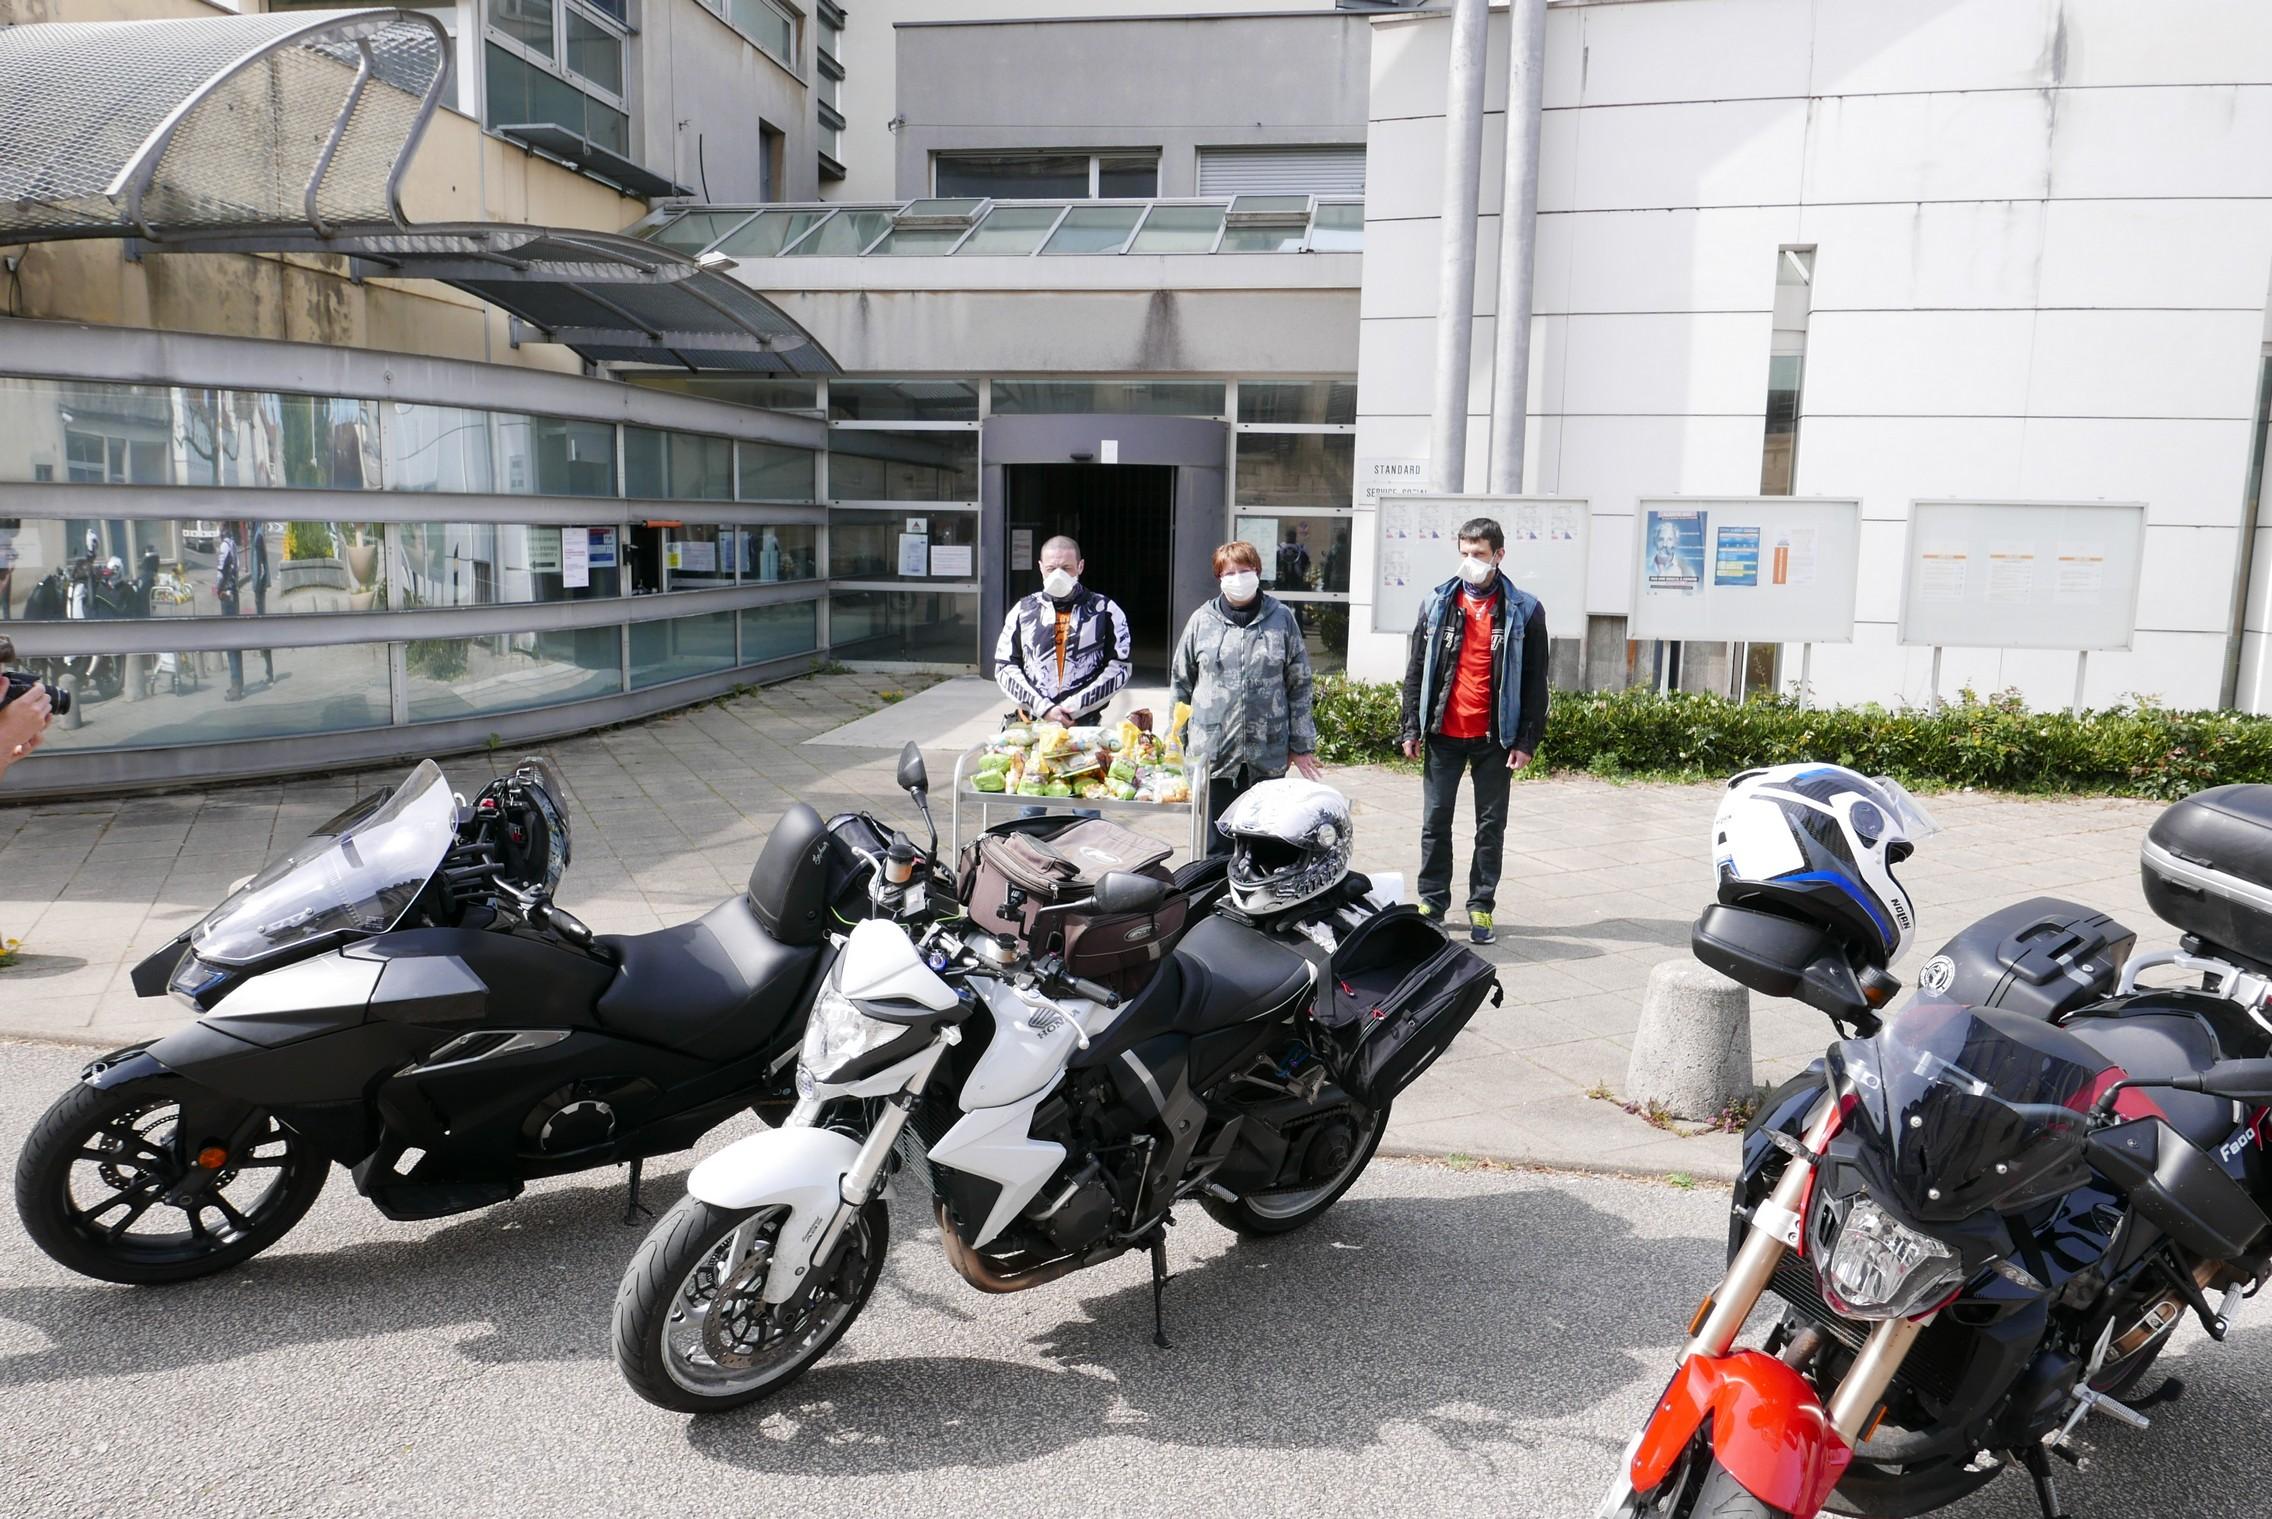 En offrant des chocolats de Pâques, le motoclub montre sa solidarité avec le personnel hospitalier